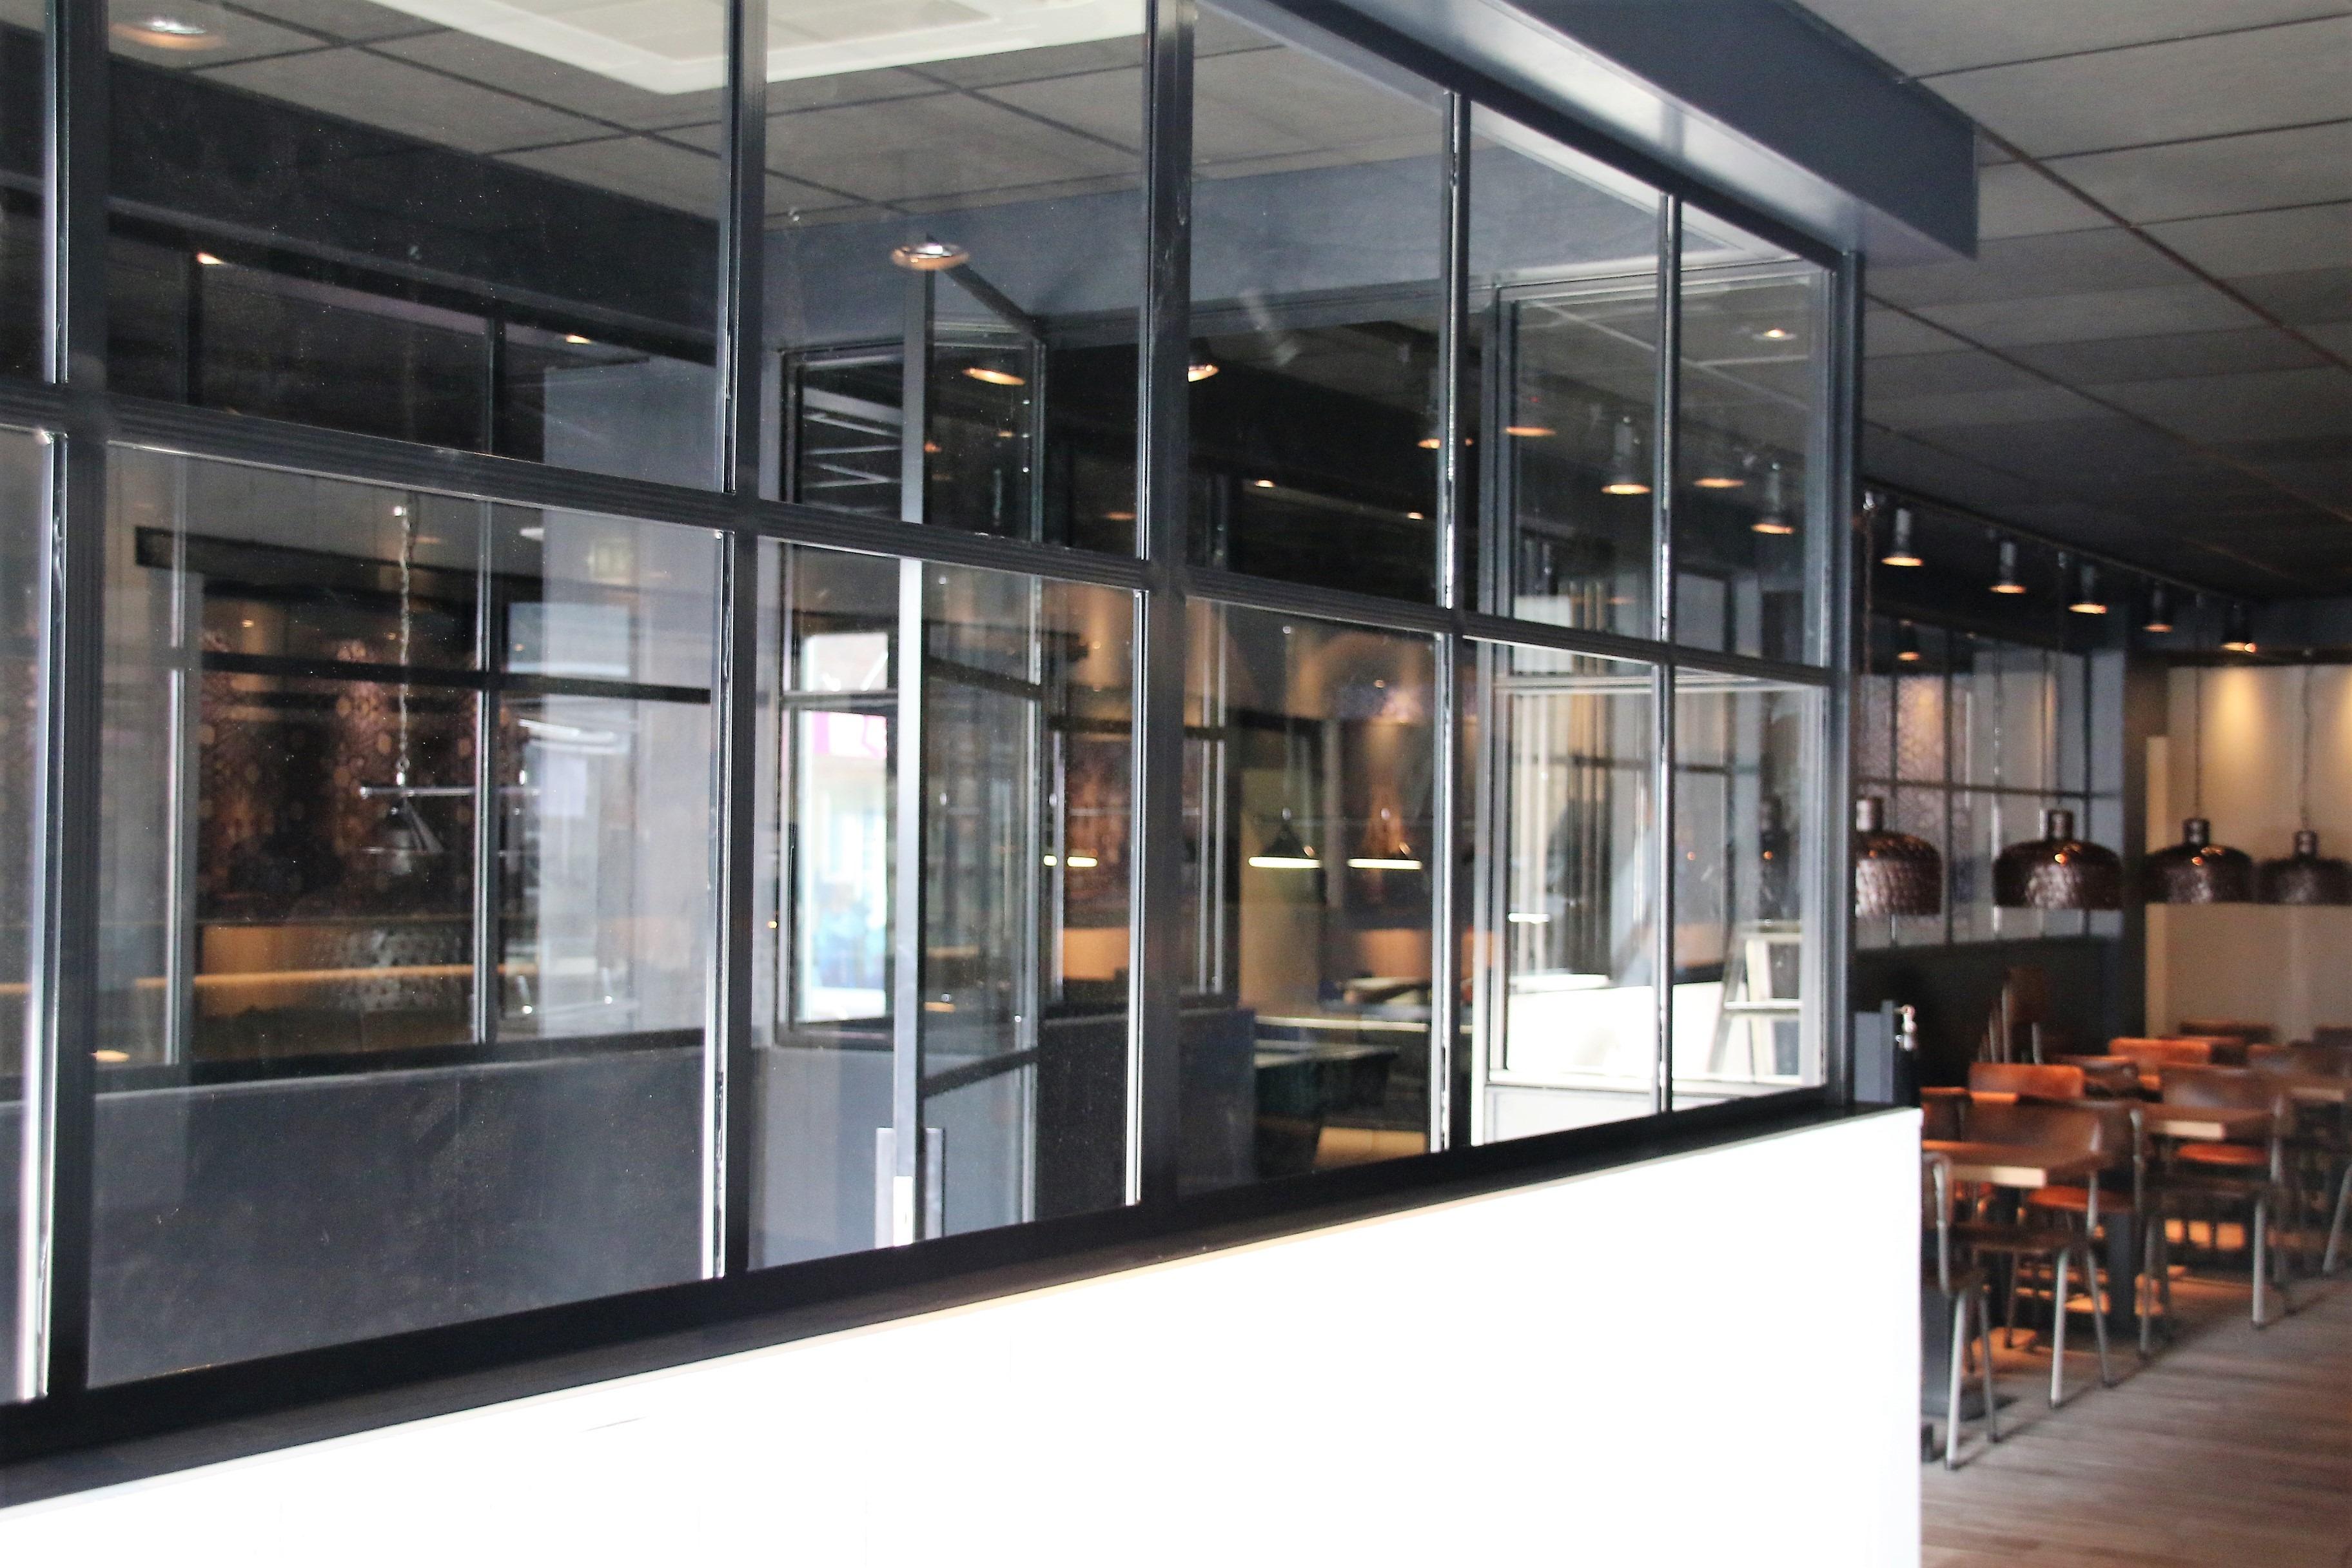 Voorbeeld van een stalen deur (scharnier) met 4 vlakken, hoekgreep en zijpanelen in Zevenhuizen.